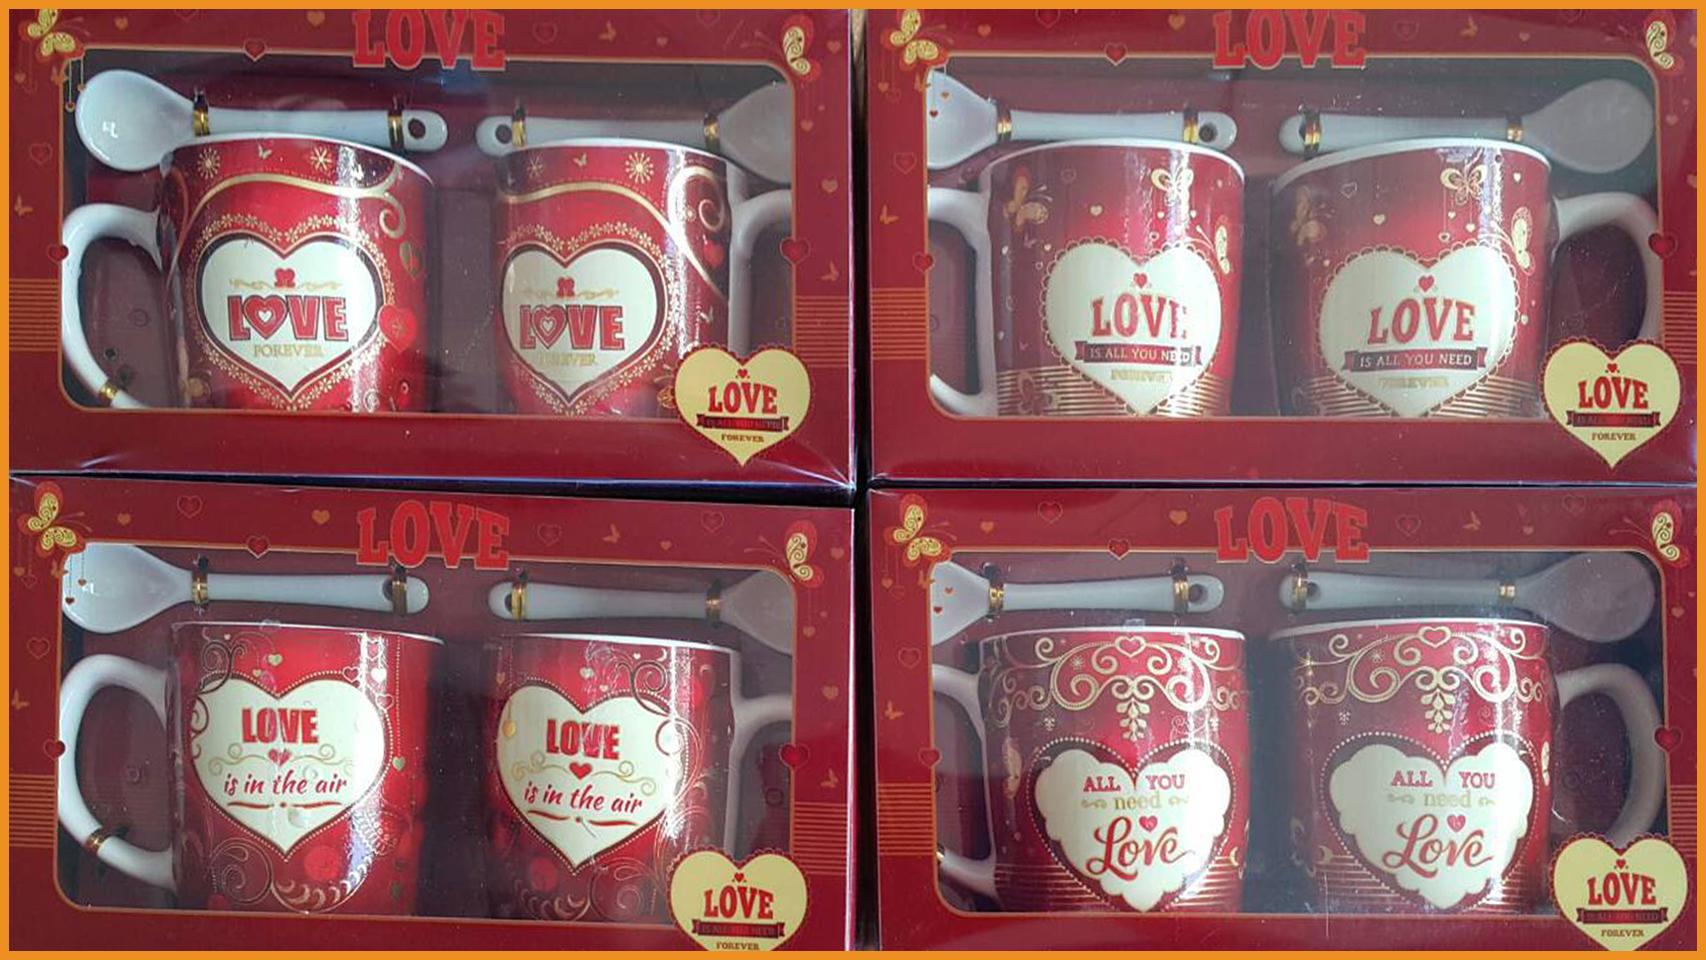 ชุดแก้วกาแฟคู่พร้อมช้อนลวดลายพร้อมกล่องแดงลายหัวใจ รุ่นเล็ก